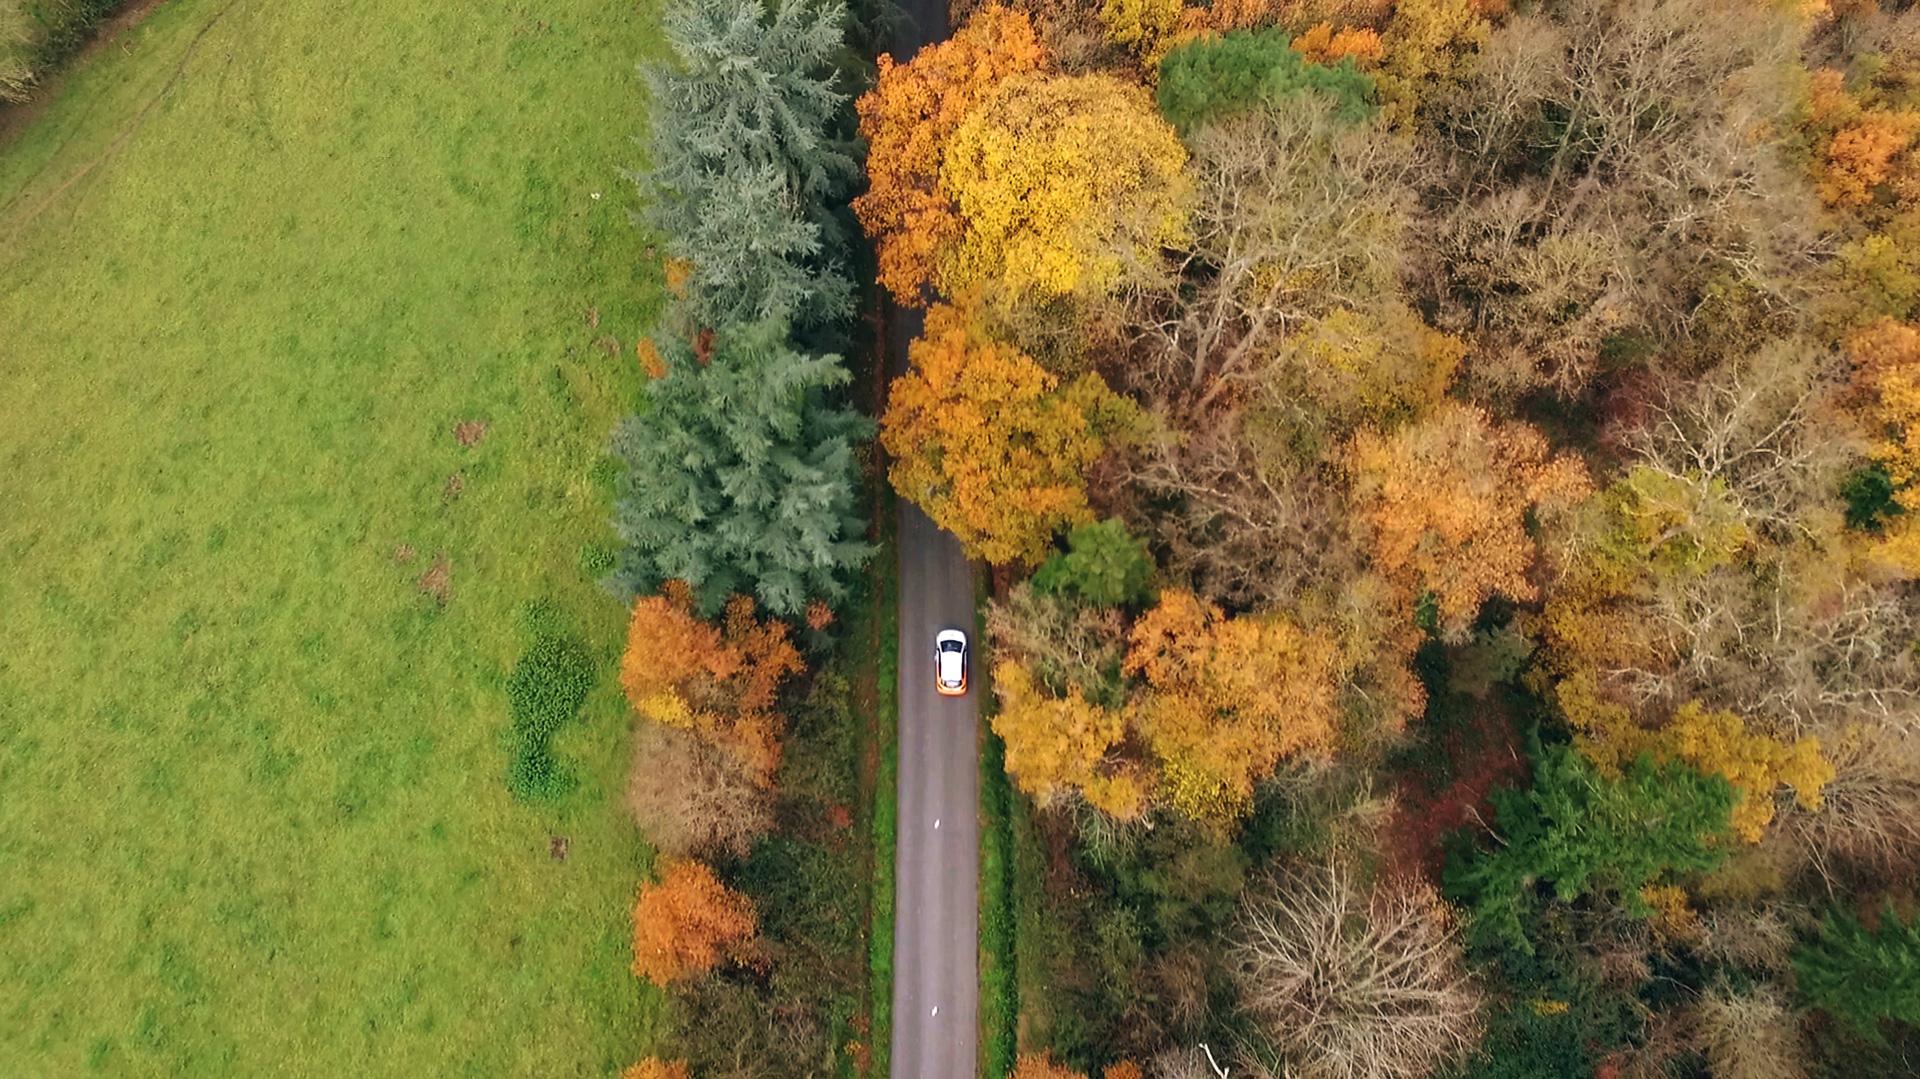 Prise de vue aérienne d'une voiture